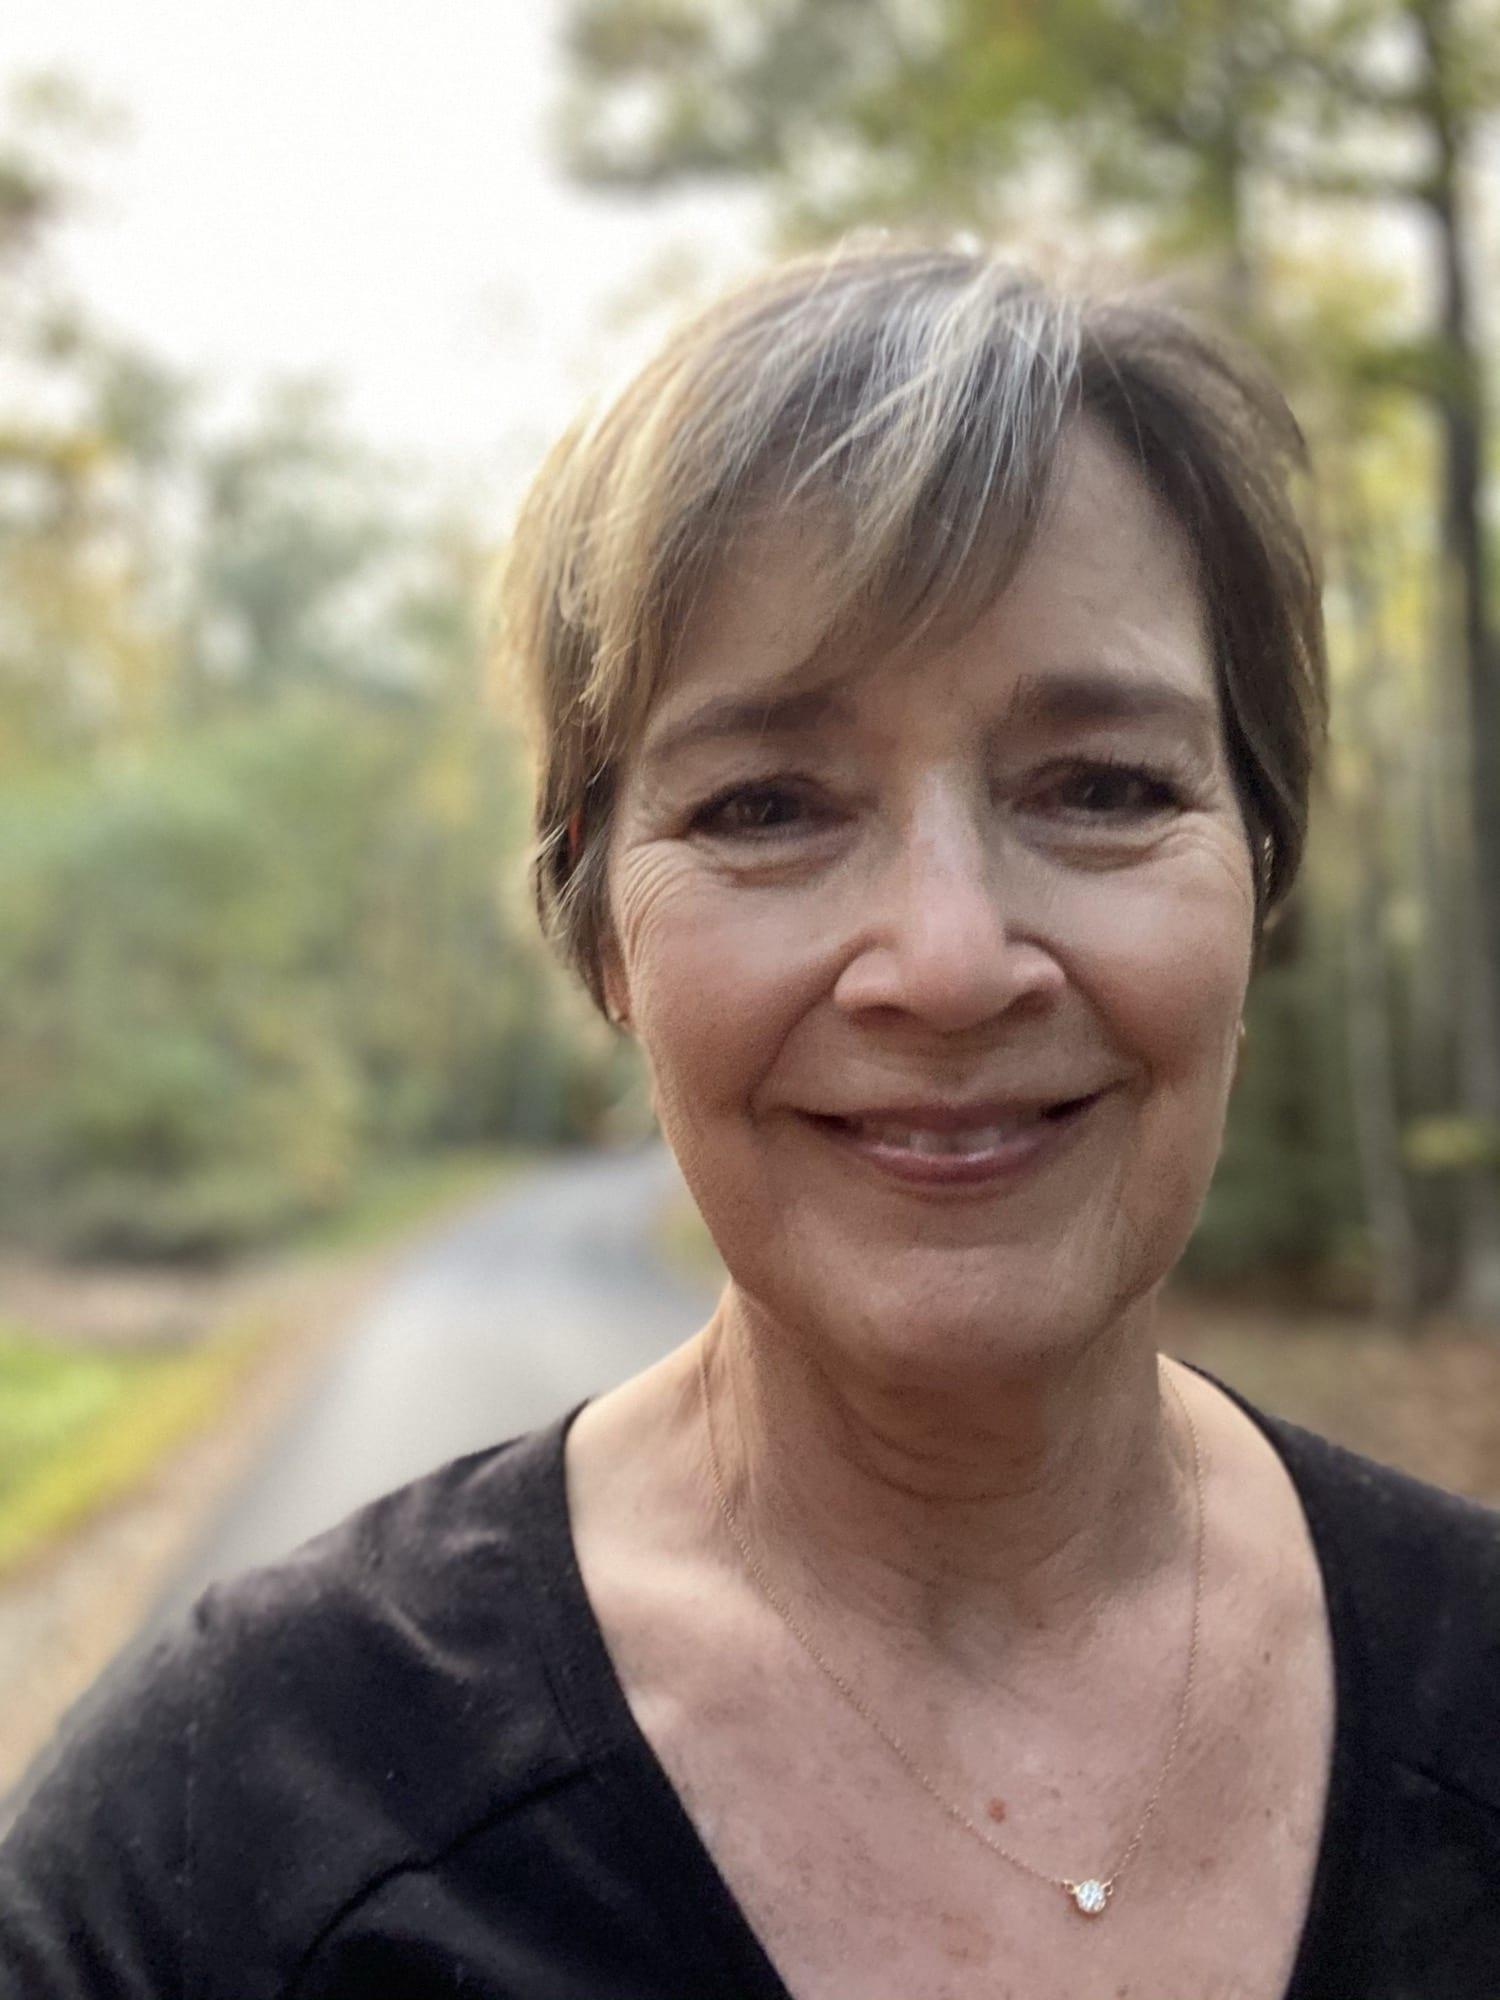 Denise Weber hearing health journey